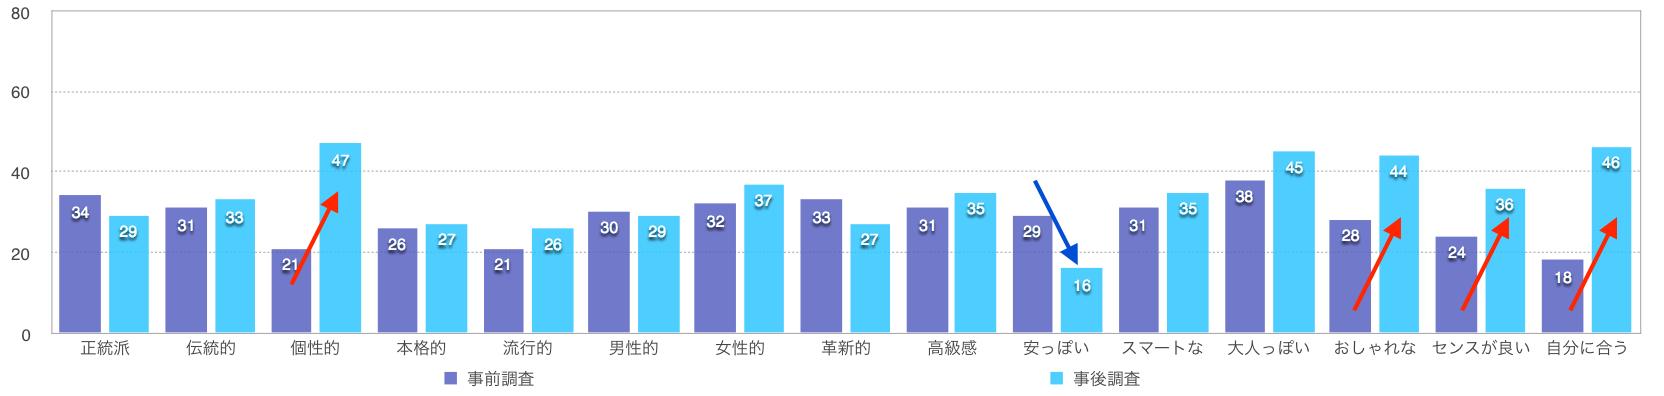 グラフ:札幌のイメージについて